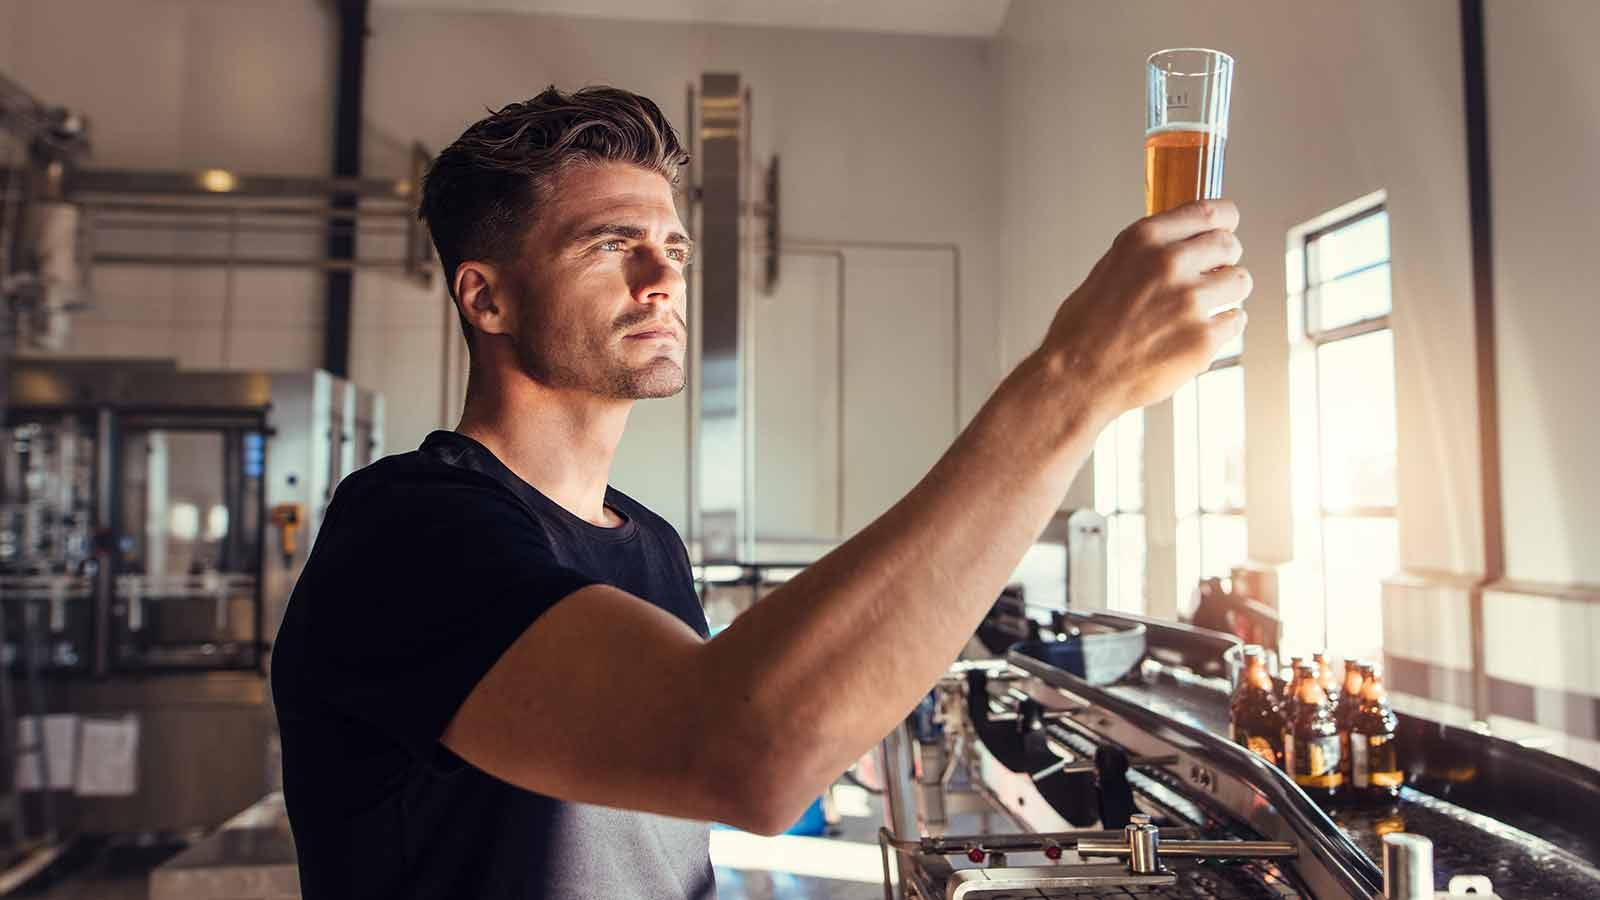 Man examining freshly brewed beer